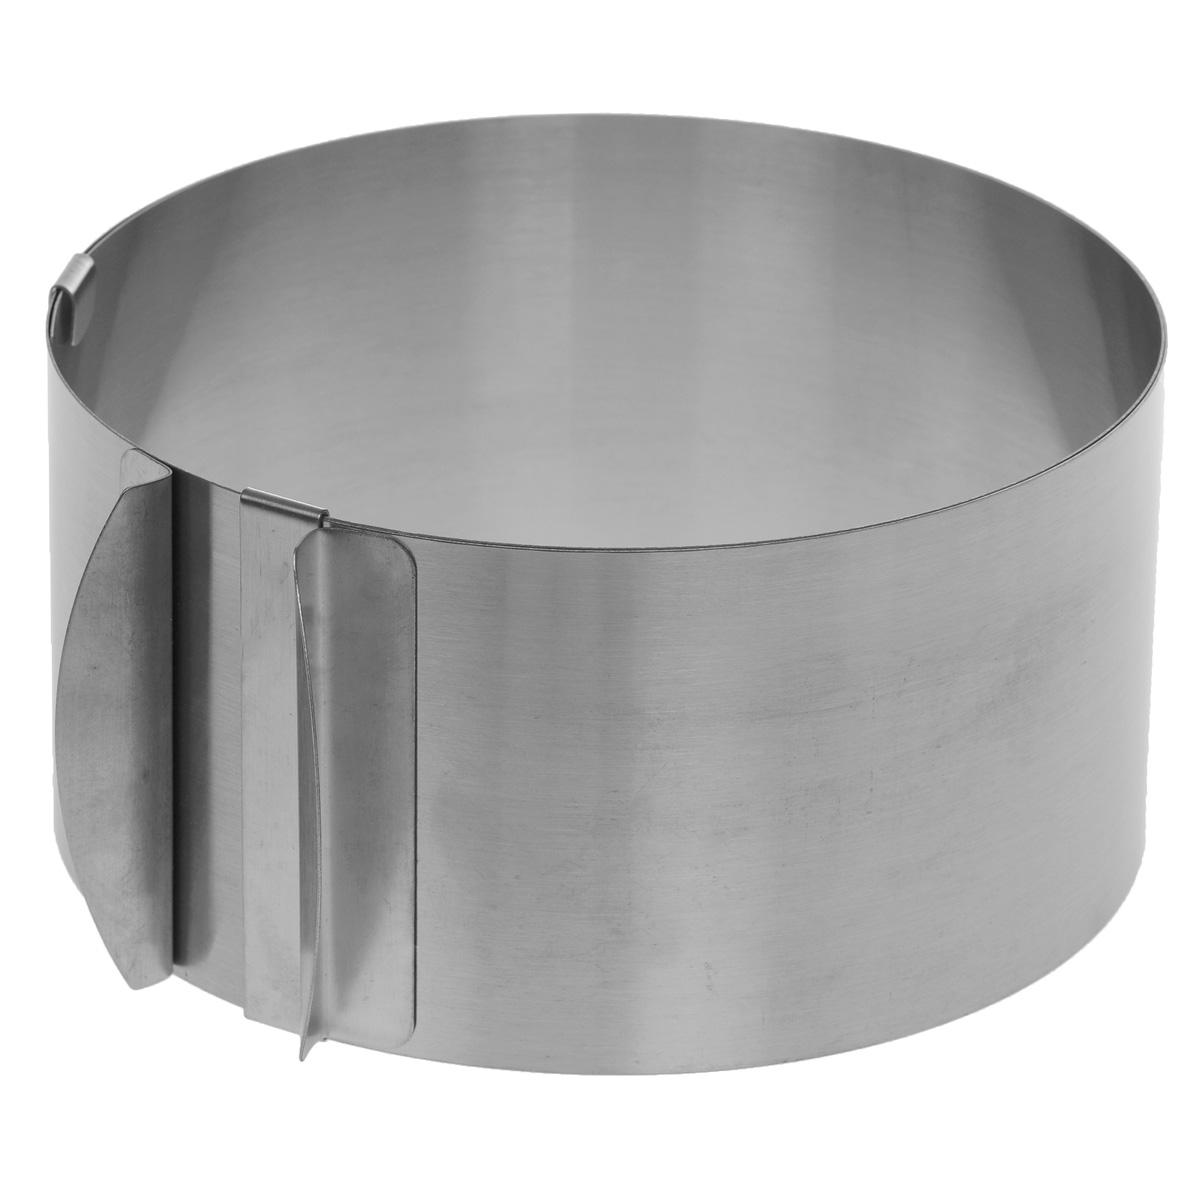 Форма для сборки тортов,салатов, закусок, десертов Cake Mould, раздвижная, диаметр 16-30 смSL-PJ028Форма для сборки тортов, салатов, закусок, десертов Cake Mould выполнена из высококачественной нержавеющей стали. Отличительной особенностью данной формы является раздвижная конструкция, благодаря которой форма может изменять диаметр от 16 см до 30 см. На внутренней стенке имеется шкала с диаметрами. Такая форма станет незаменимым помощником на вашей кухне. Можно мыть в посудомоечной машине. Диаметр формы: 16-30 см. Высота стенок: 8,5 см. * Победитель номинации «Лучшая собственная торговая марка в сегменте ONLINE» Премия PRIVATE LABEL AWARDS (by IPLS) —международная премия в области собственных торговых марок, созданная компанией Reed Exhibitions в рамках выставки «Собственная Торговая Марка» (IPLS) 2016 с целью поощрения розничных сетей, а также производителей продовольственных и непродовольственных товаров за их вклад в развитие качественных товаров private label, которые способствуют росту уровня покупательского доверия в России и...